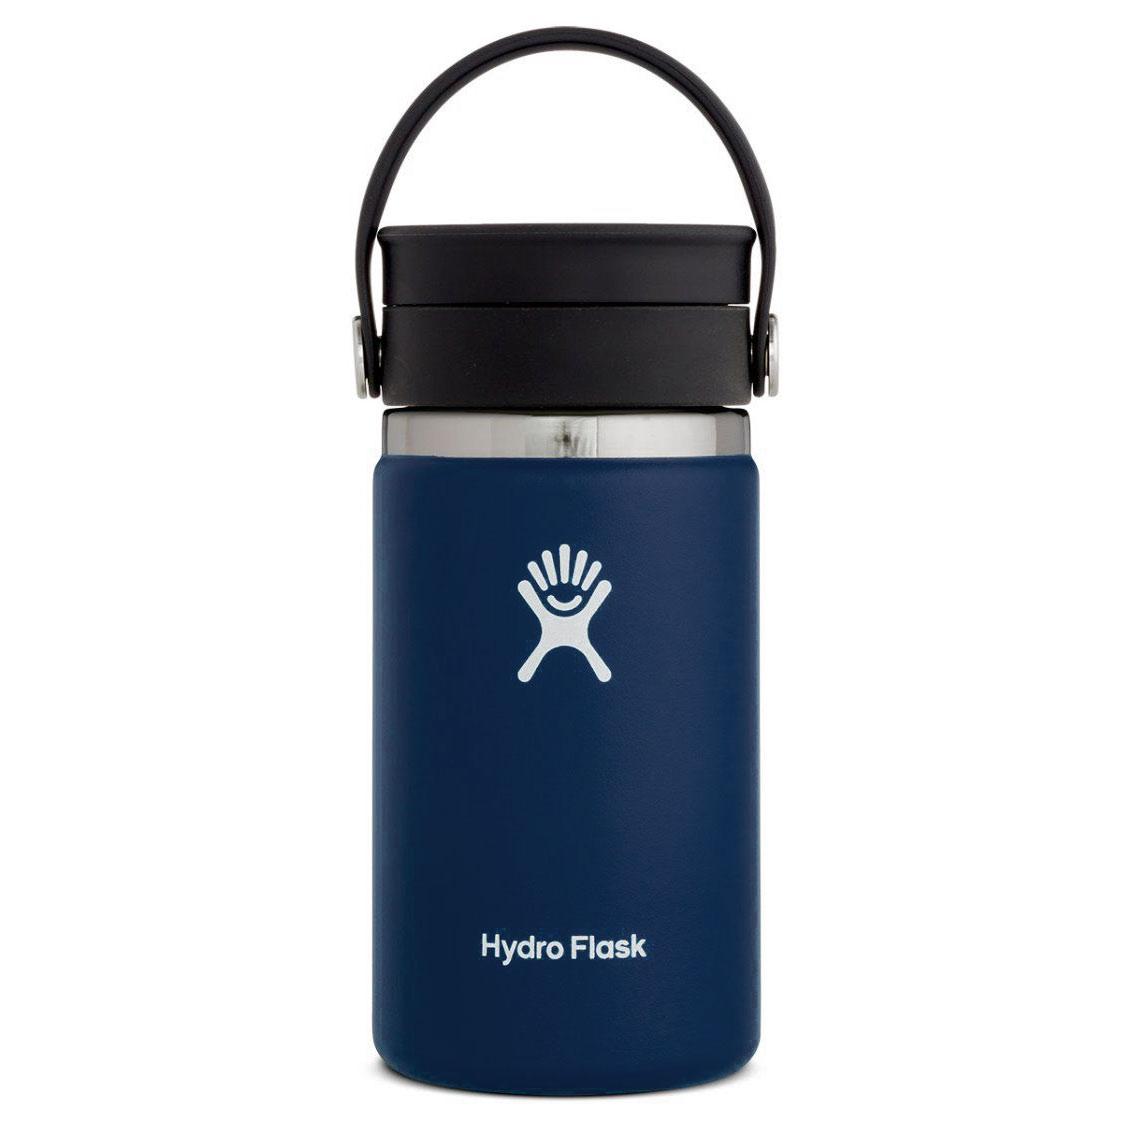 Produktbild von Hydro Flask 12 oz Wide Mouth Coffee Kaffeebecher mit Flex Sip Deckel - 354 ml - Cobalt